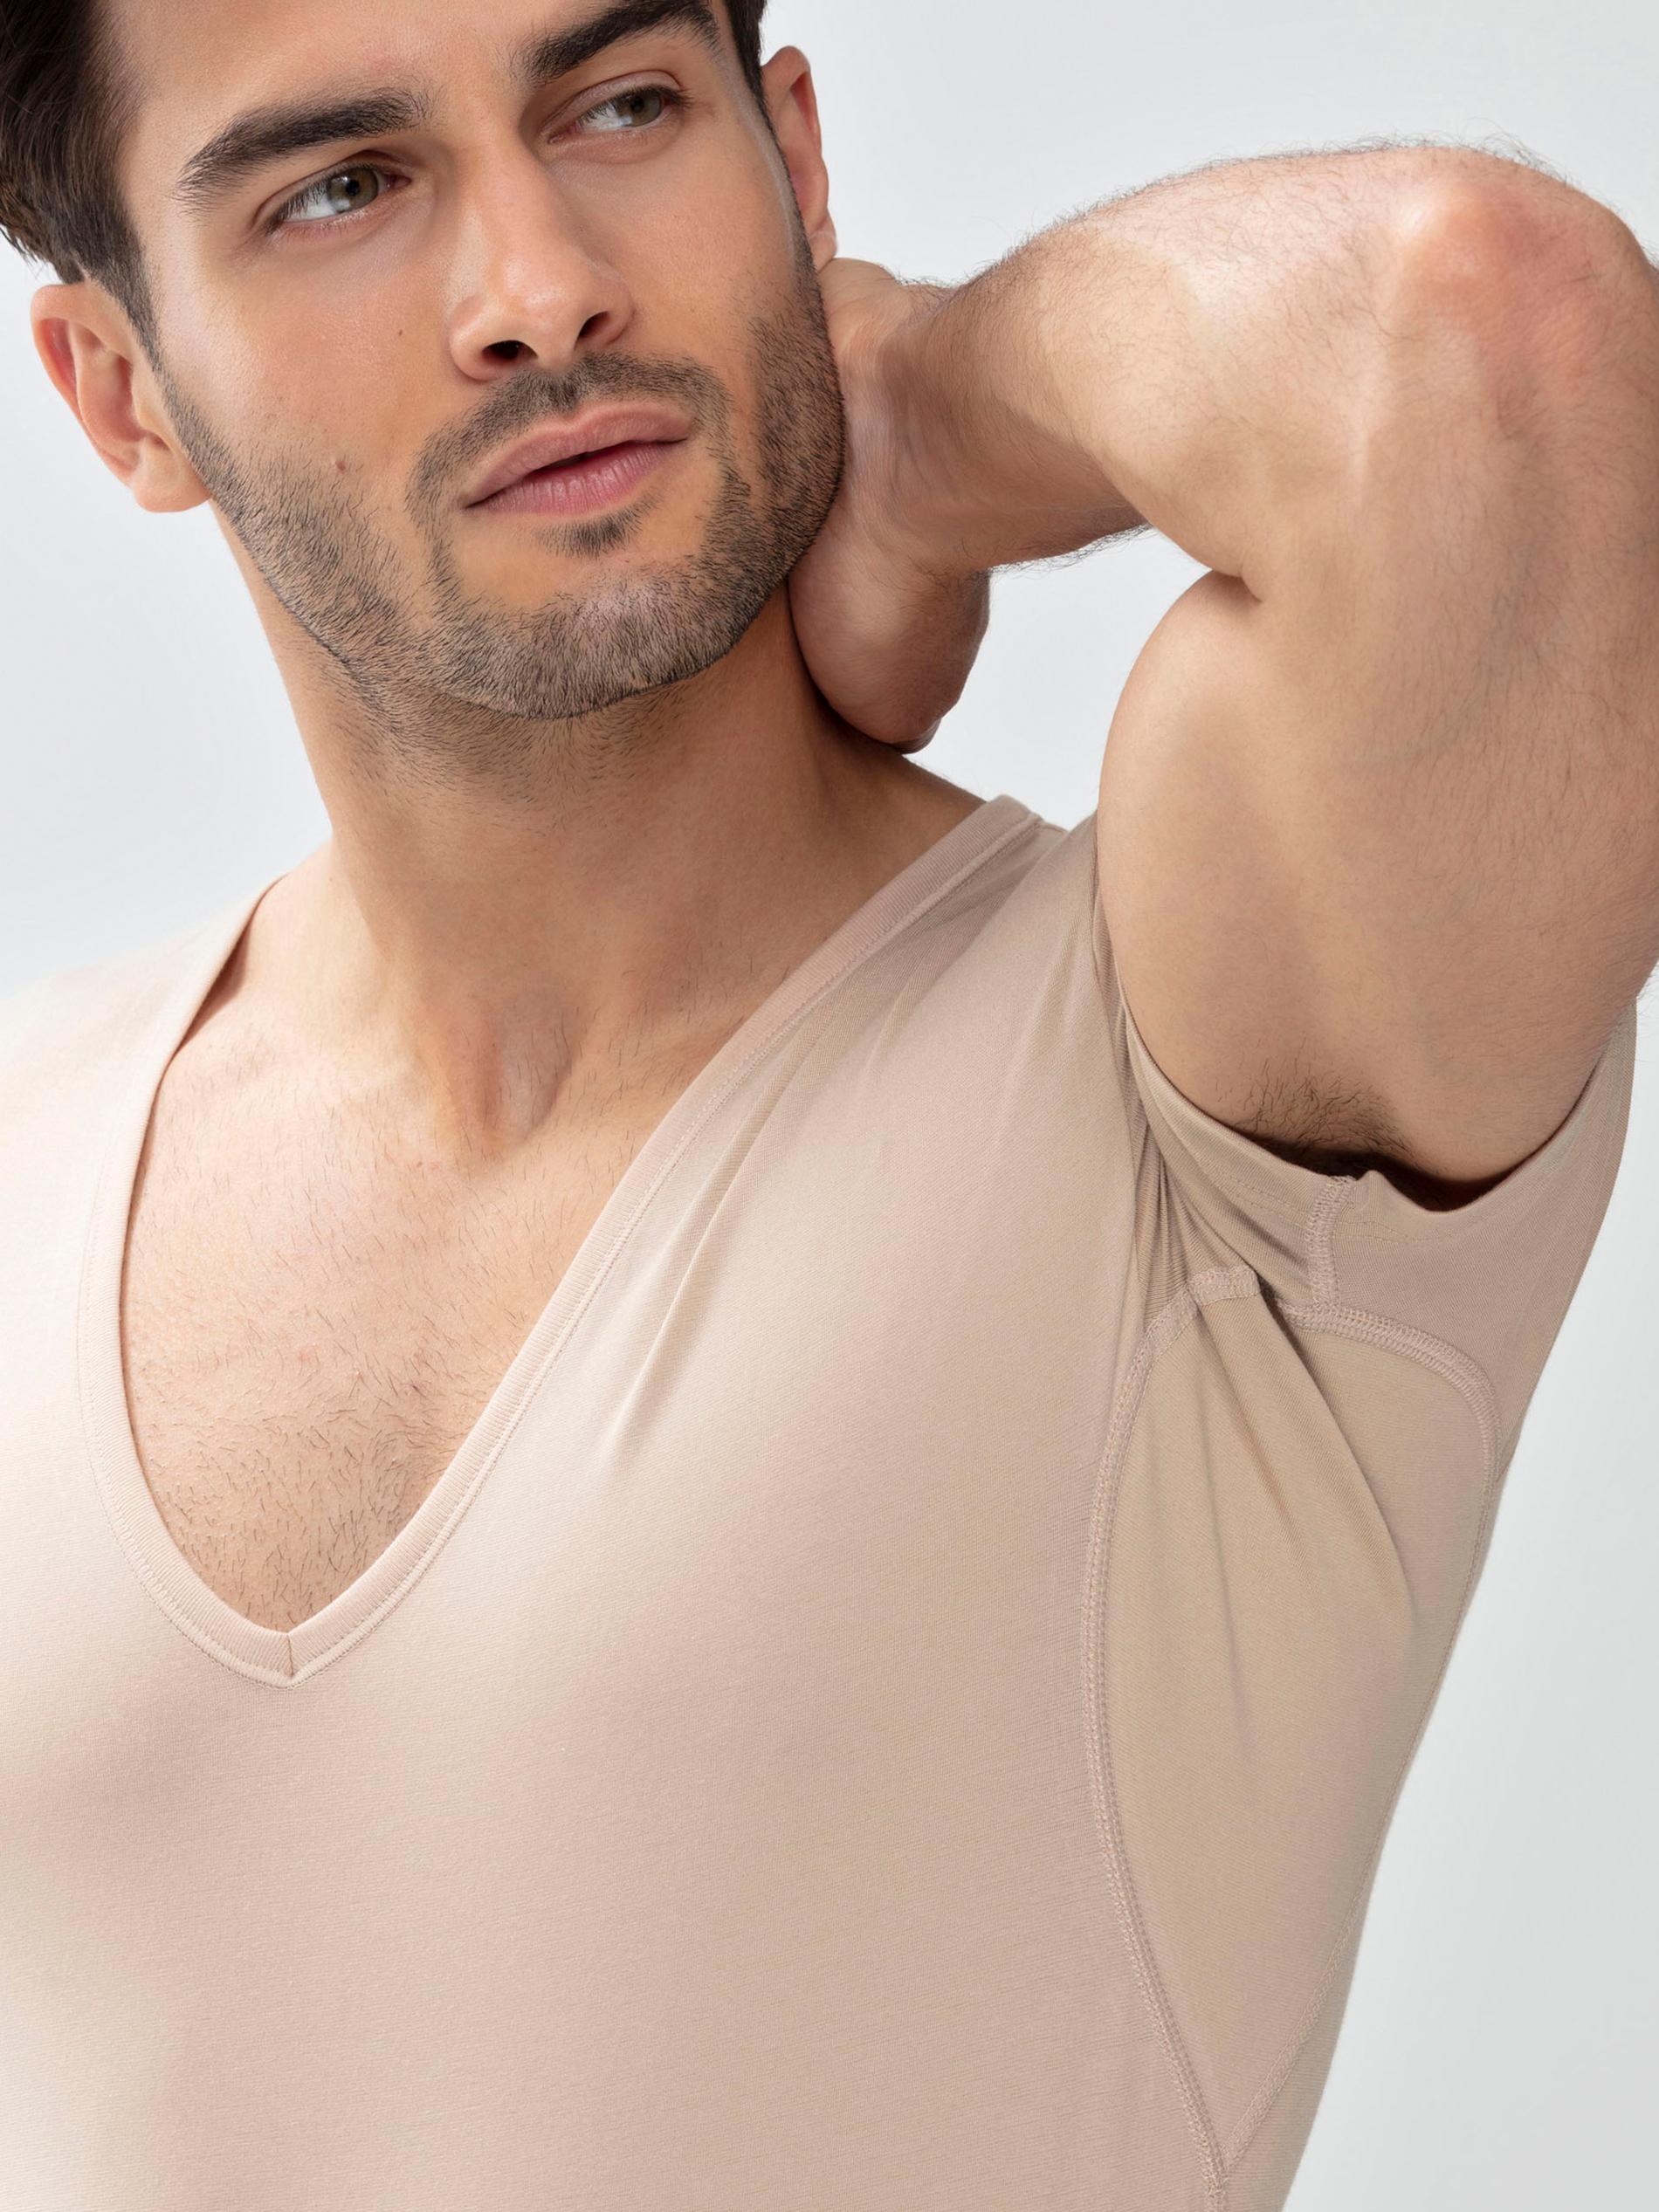 mey® Modelbild mit Mann, der das Drunterhemd in der Farbe Light Skin trägt, der Arm ist nach oben angewinkelt und die Einsätze unter den Achseln mit den Silberionen sind zu sehen